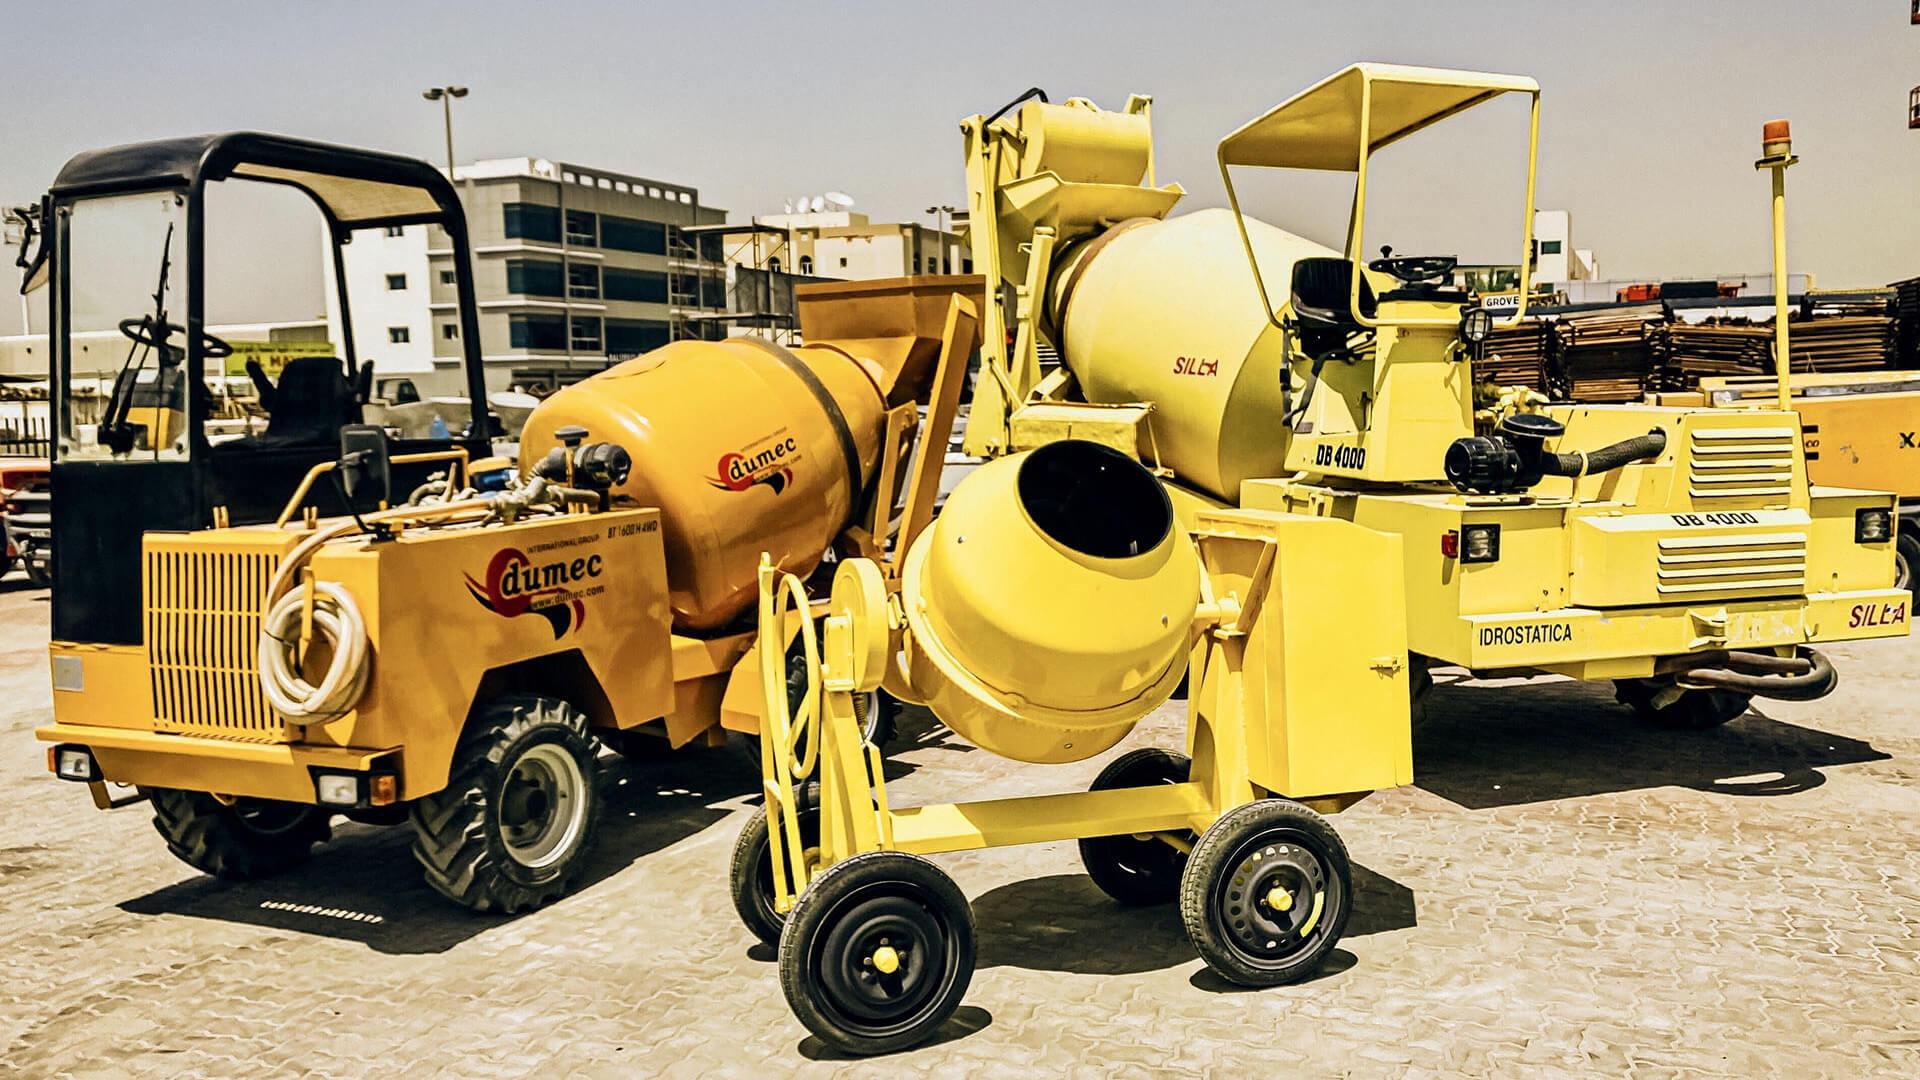 dumec machinery